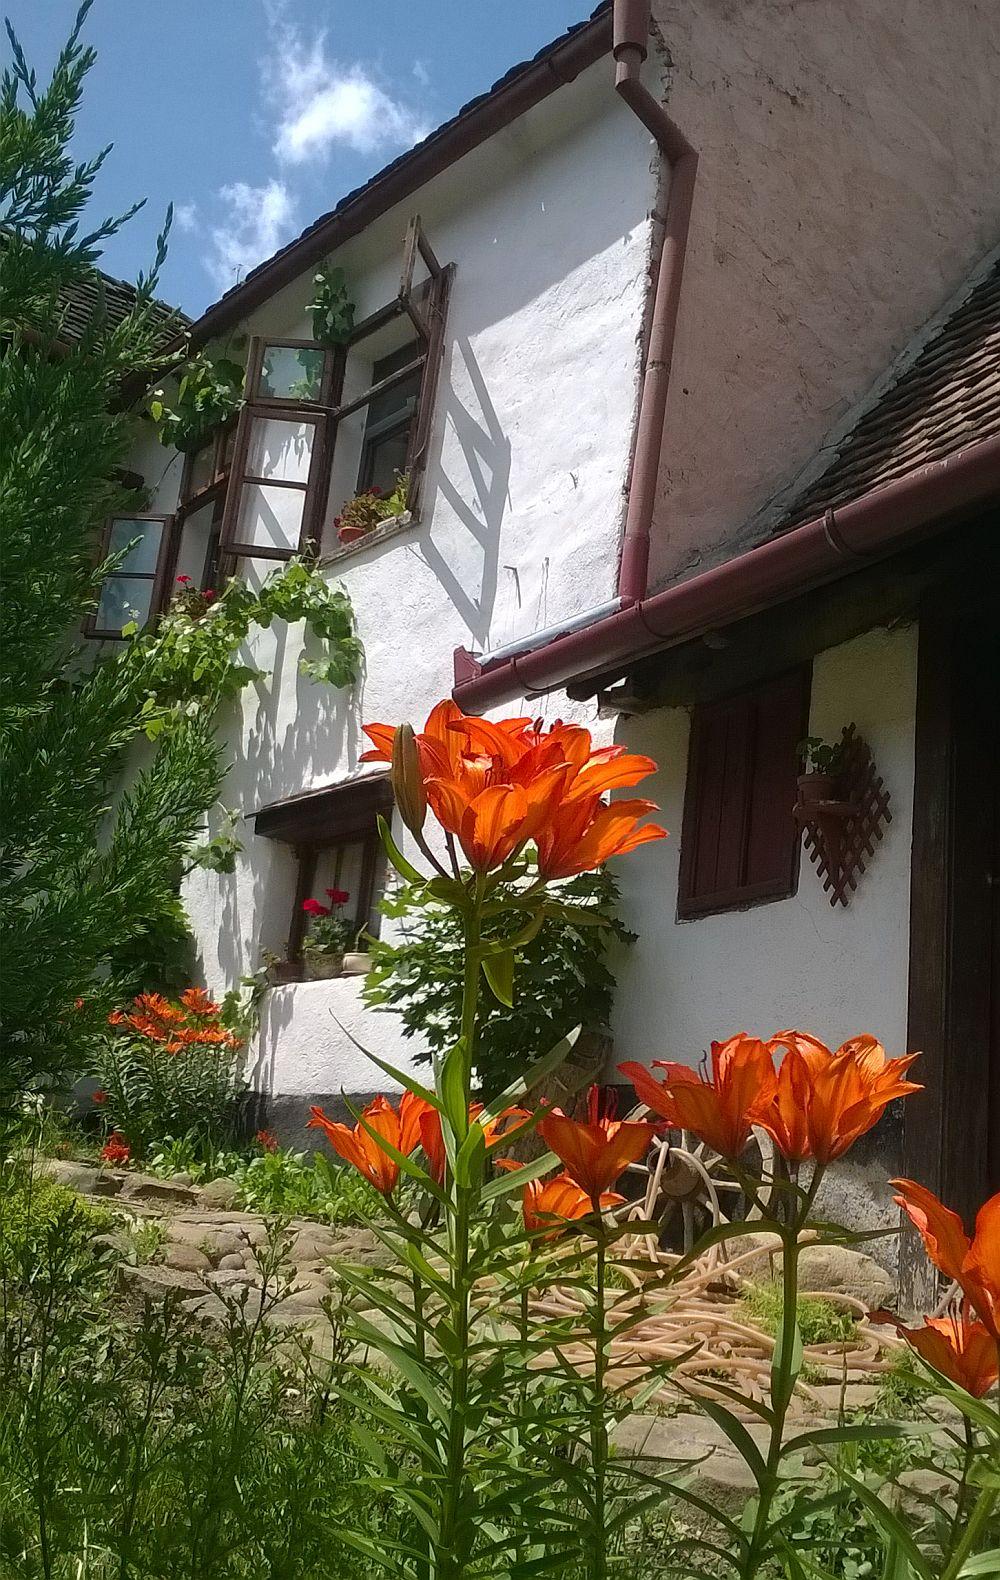 adelaparvu.com despre pensiunea Casa cu Zorele, case traditionale transilvanene, bedandbreakfast Crit, Transilvania, Romania (32)